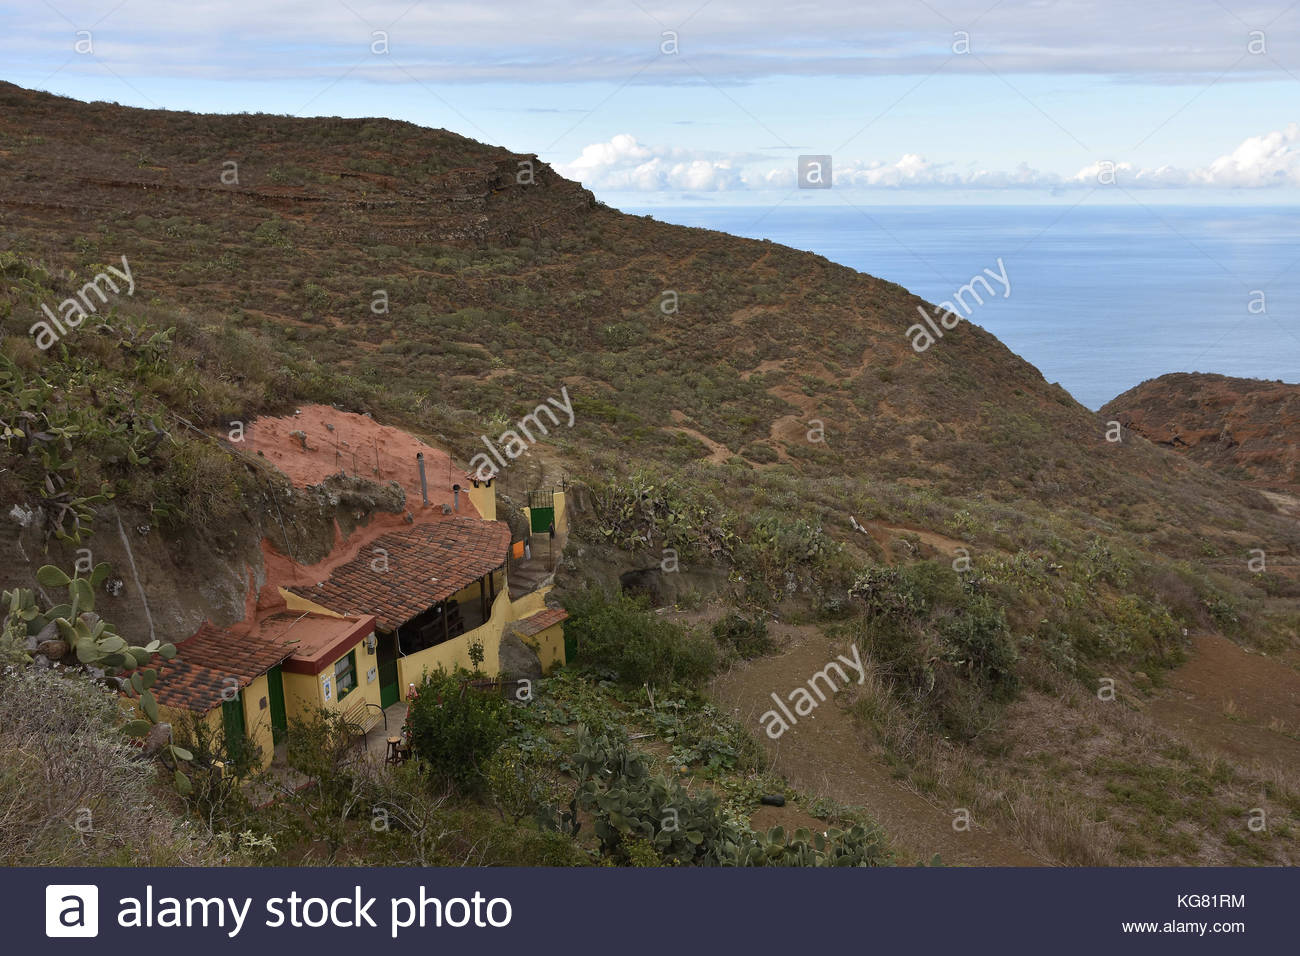 Ländliche Haus anagagebirge Atlantikküste Teneriffa Kanarische Inseln Makaronesien (Spanien). Stockbild